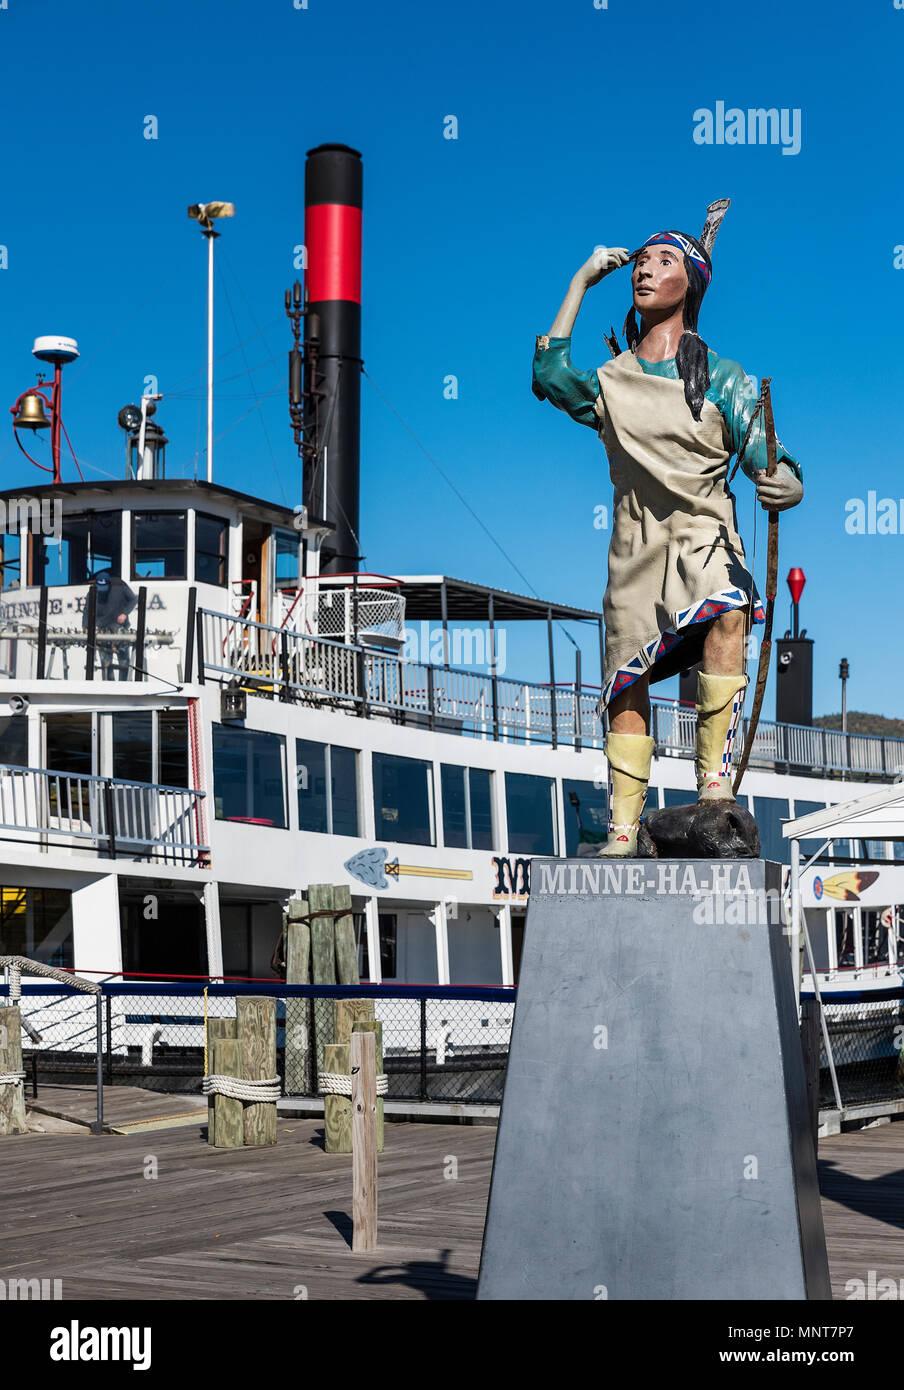 Minnie ja ja crucero ofreciendo recorridos escénicos de Lake George, Nueva York, Estados Unidos. Imagen De Stock